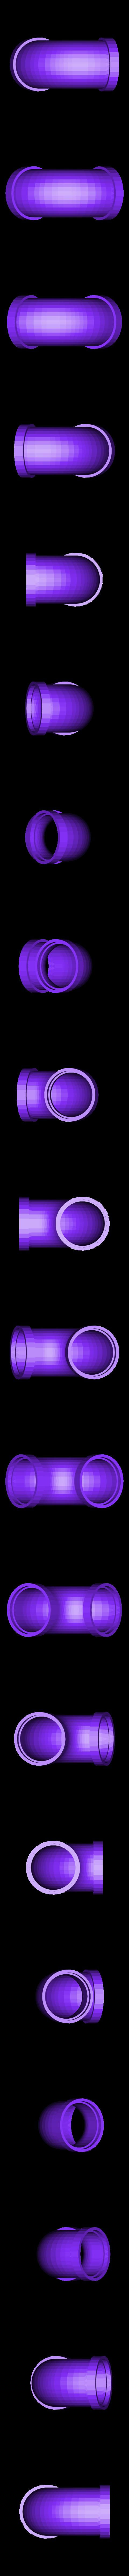 invelox_corner.stl Download free STL file invelox • 3D printable template, Pudedrik